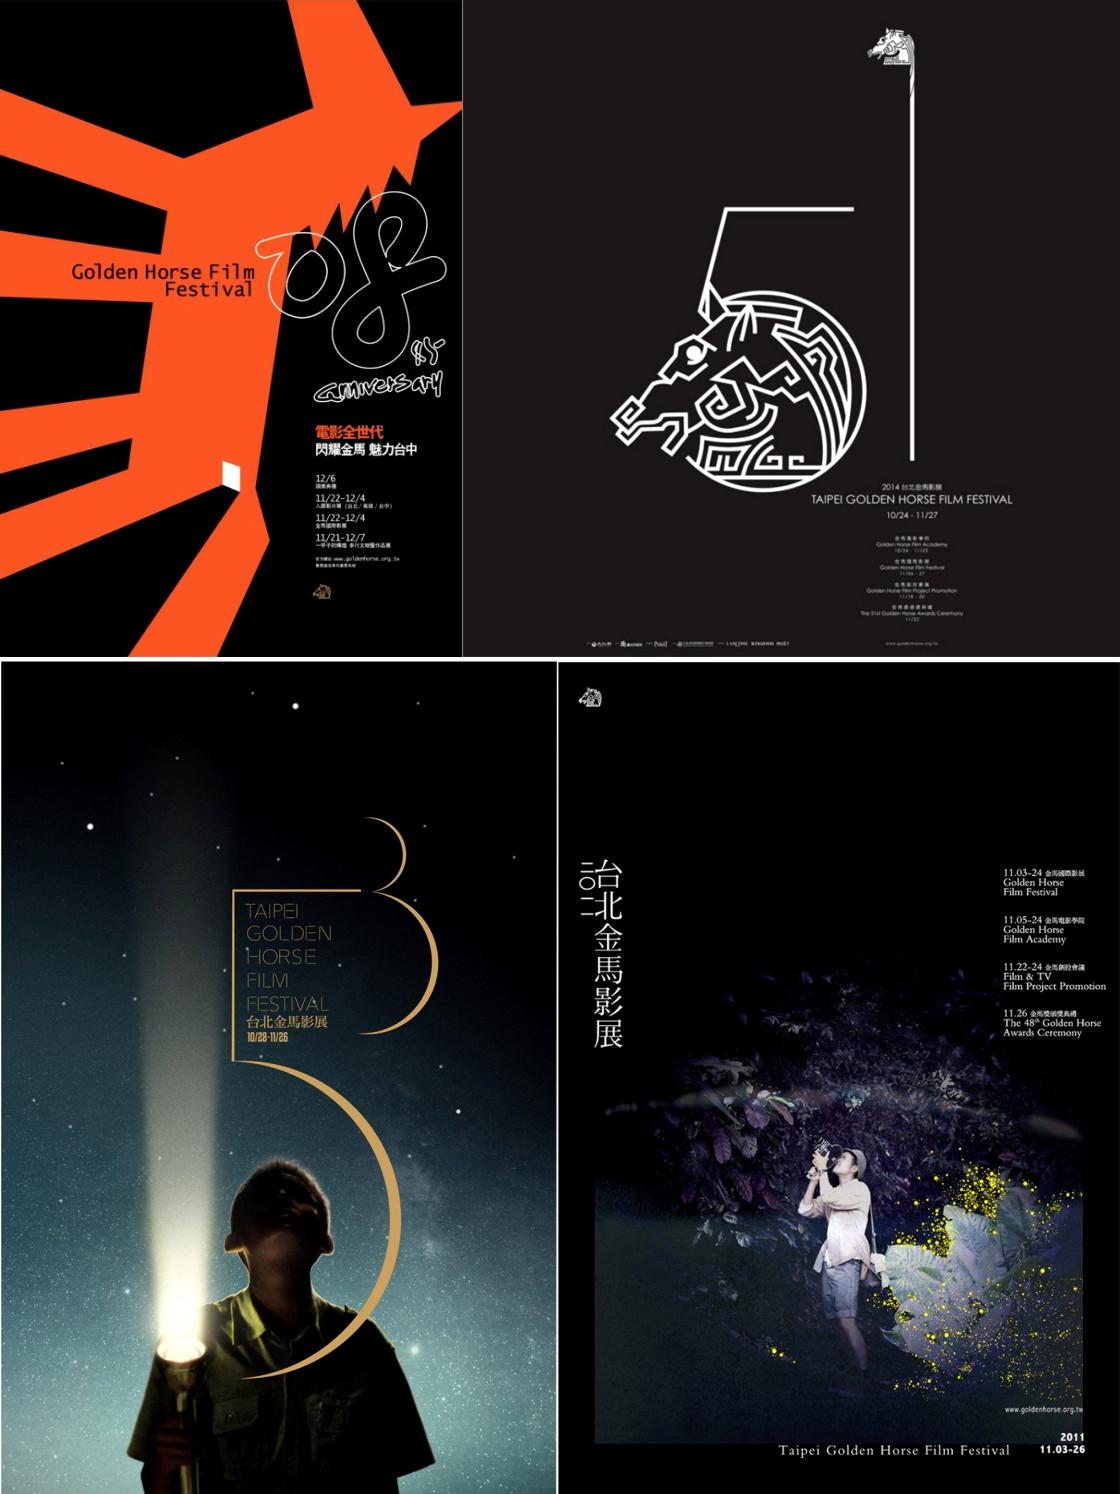 武汉品牌设计资讯:第54届金马奖主视觉logo以及海报